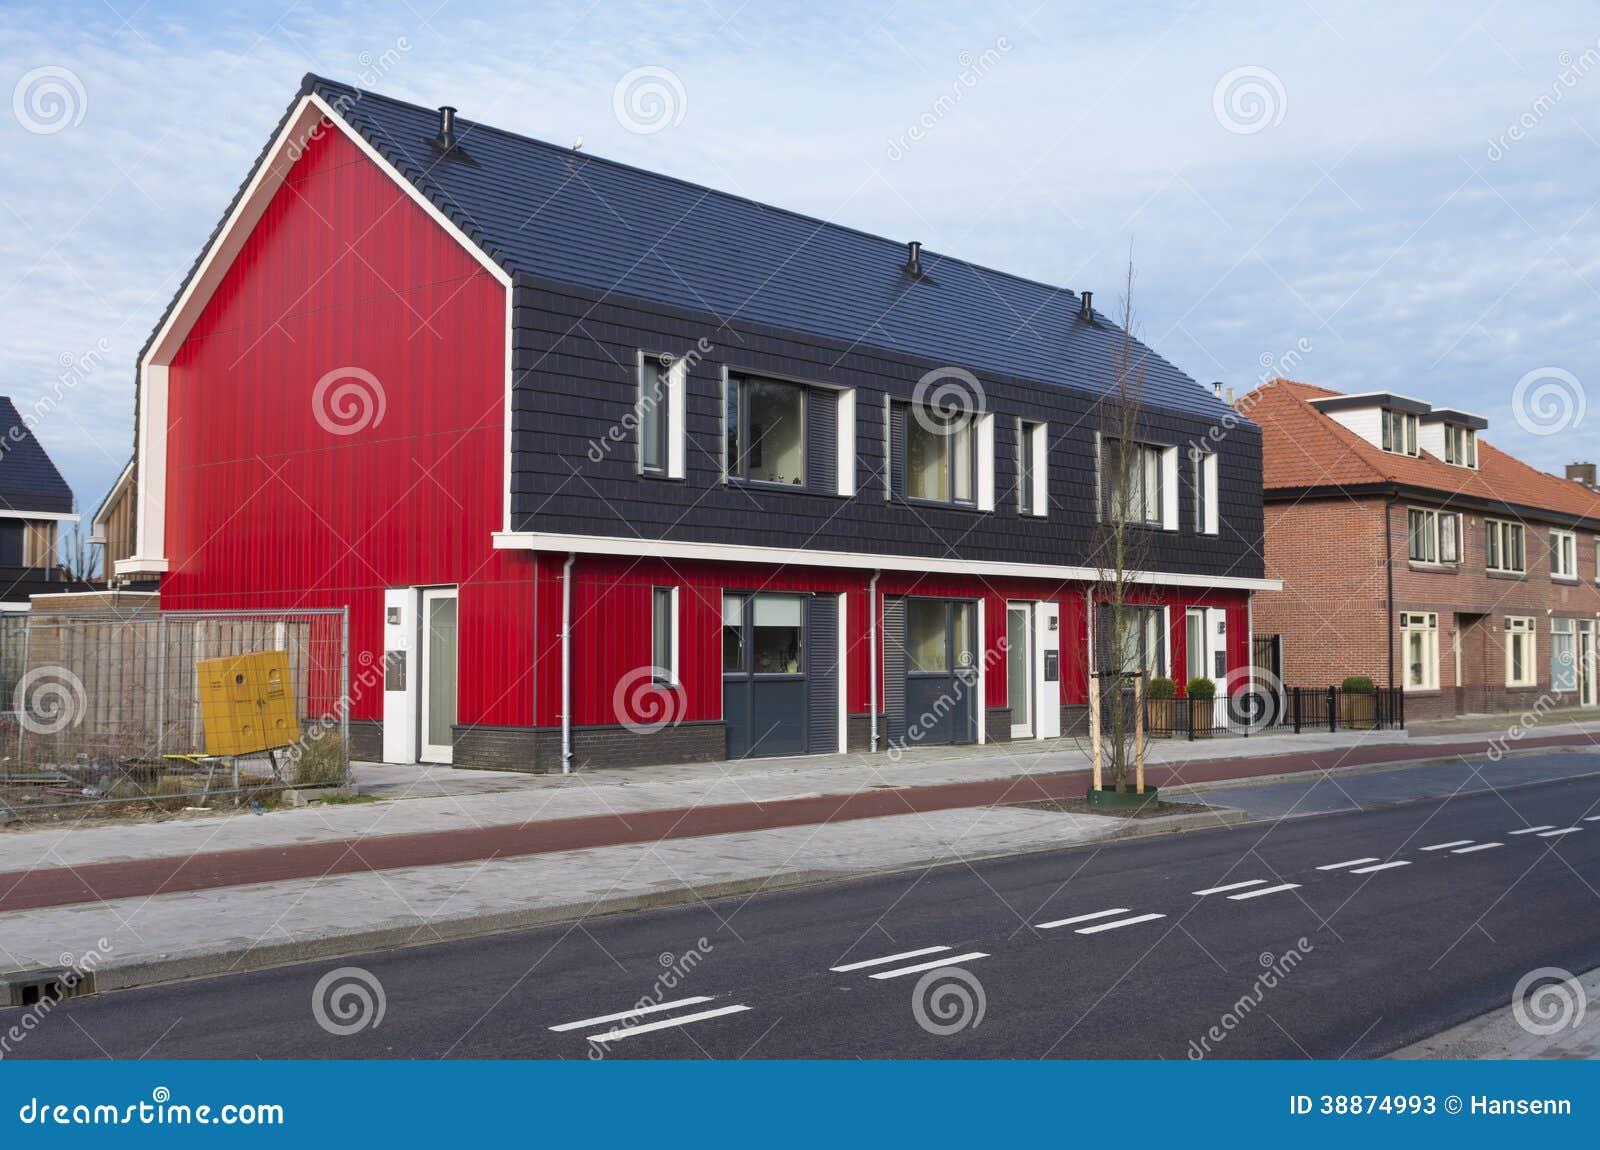 Rote Häuser Bilder rote häuser stockbild bild außen blau wohnung 38874993